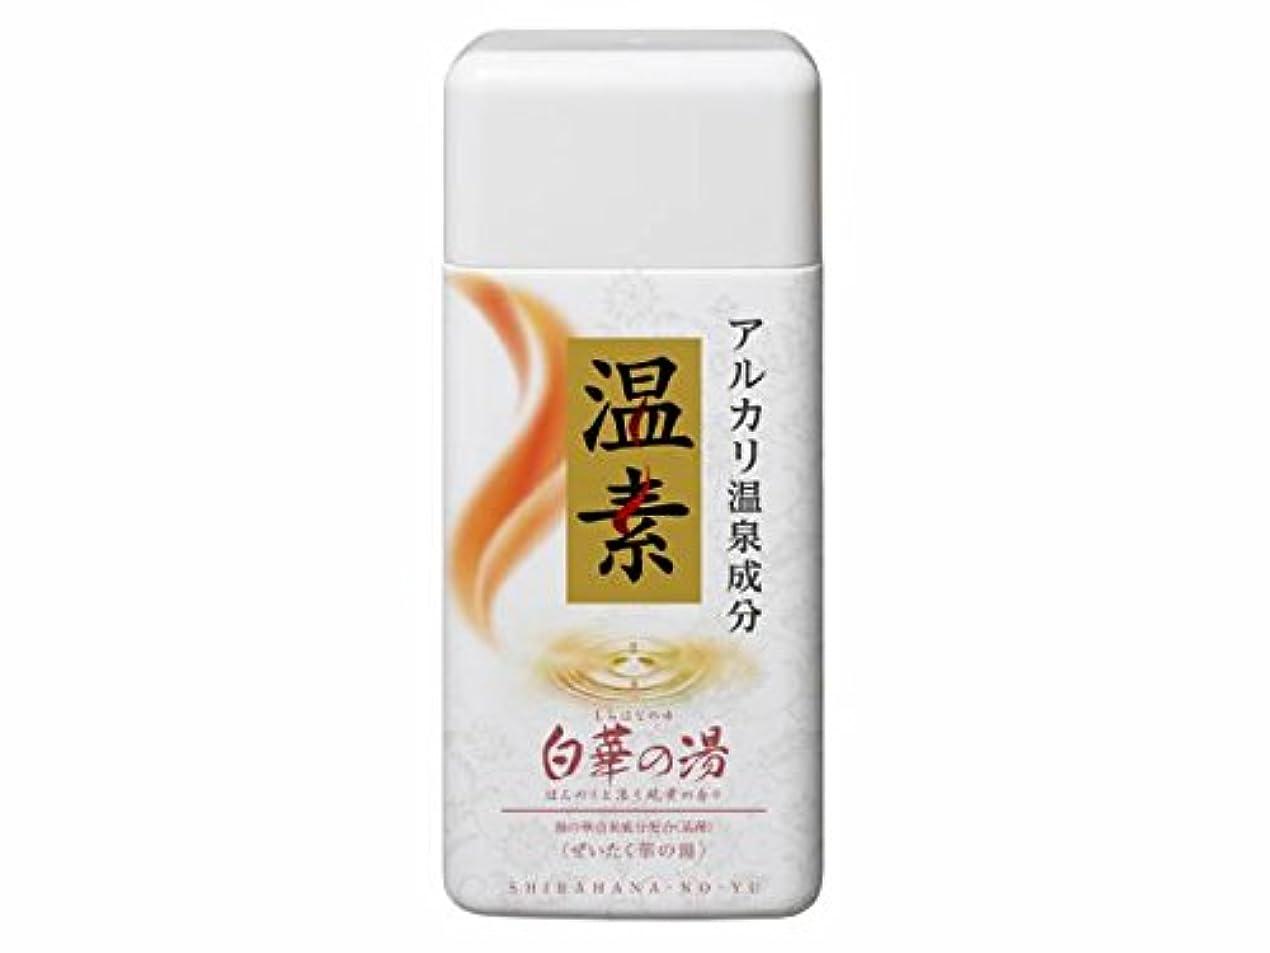 輪郭眠っている保護アース製薬 温素 白華の湯 600g×16点セット  医薬部外品 白く輝くなめらかな「硫黄の湯」の極上の湯ざわりを追求した入浴剤